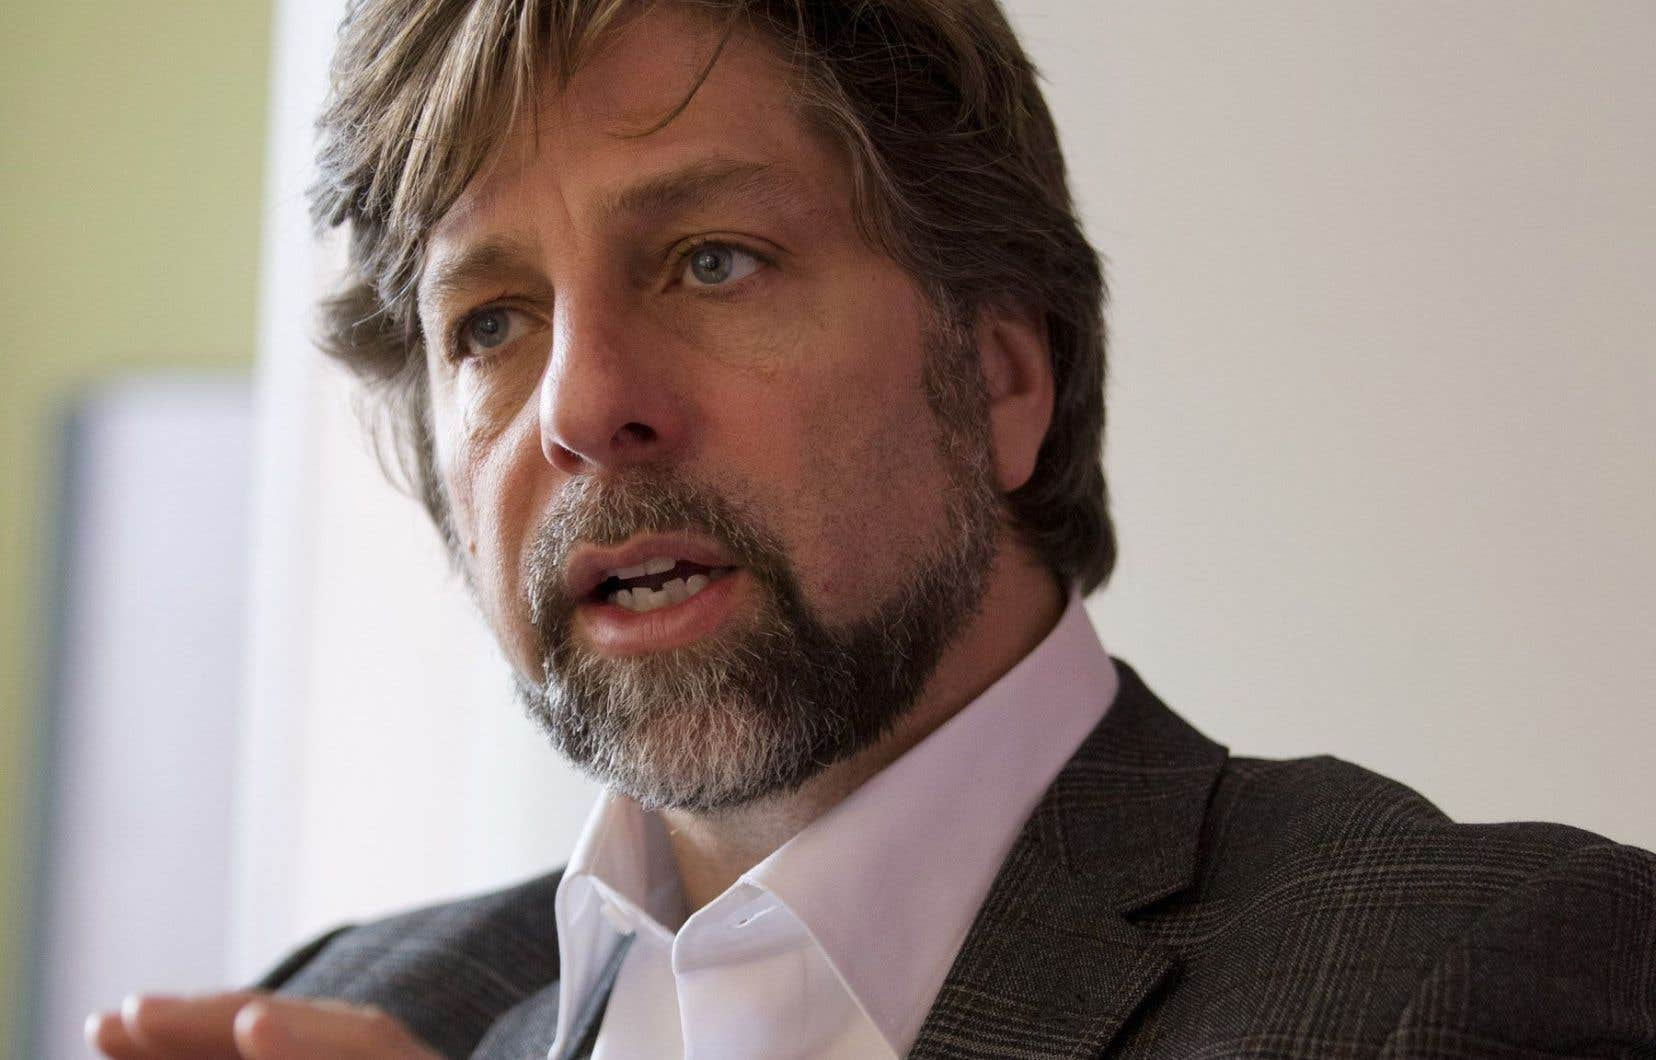 Le chef de l'opposition à l'hôtel de ville, Luc Ferrandez, pense que la Ville devrait opter pour un projet moins coûteux, de 10 millions environ, et réserver le reste de la somme à un projet plus « structurant ».